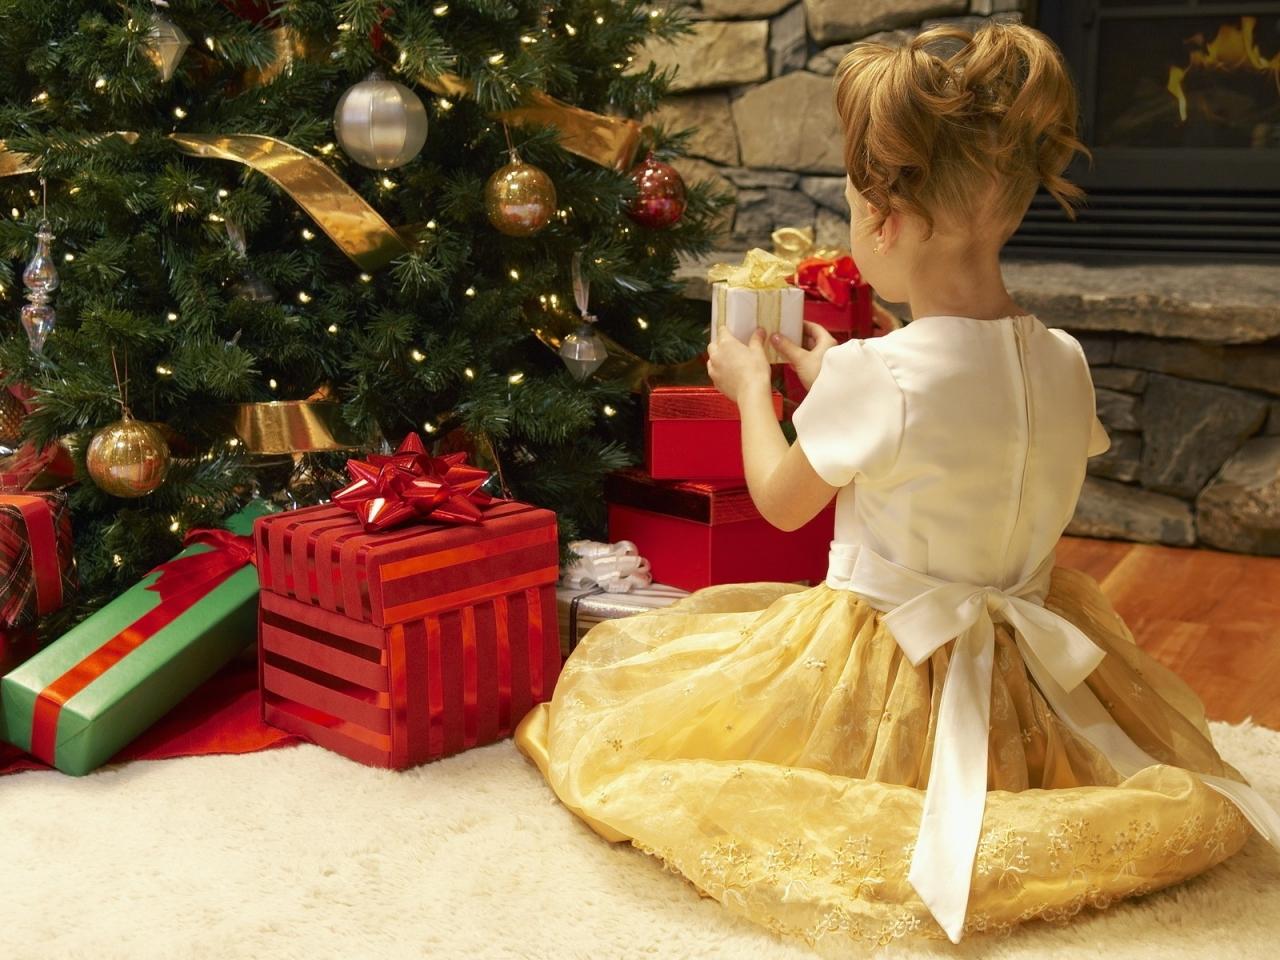 Niña arreglando el arbol de navidad - 1280x960